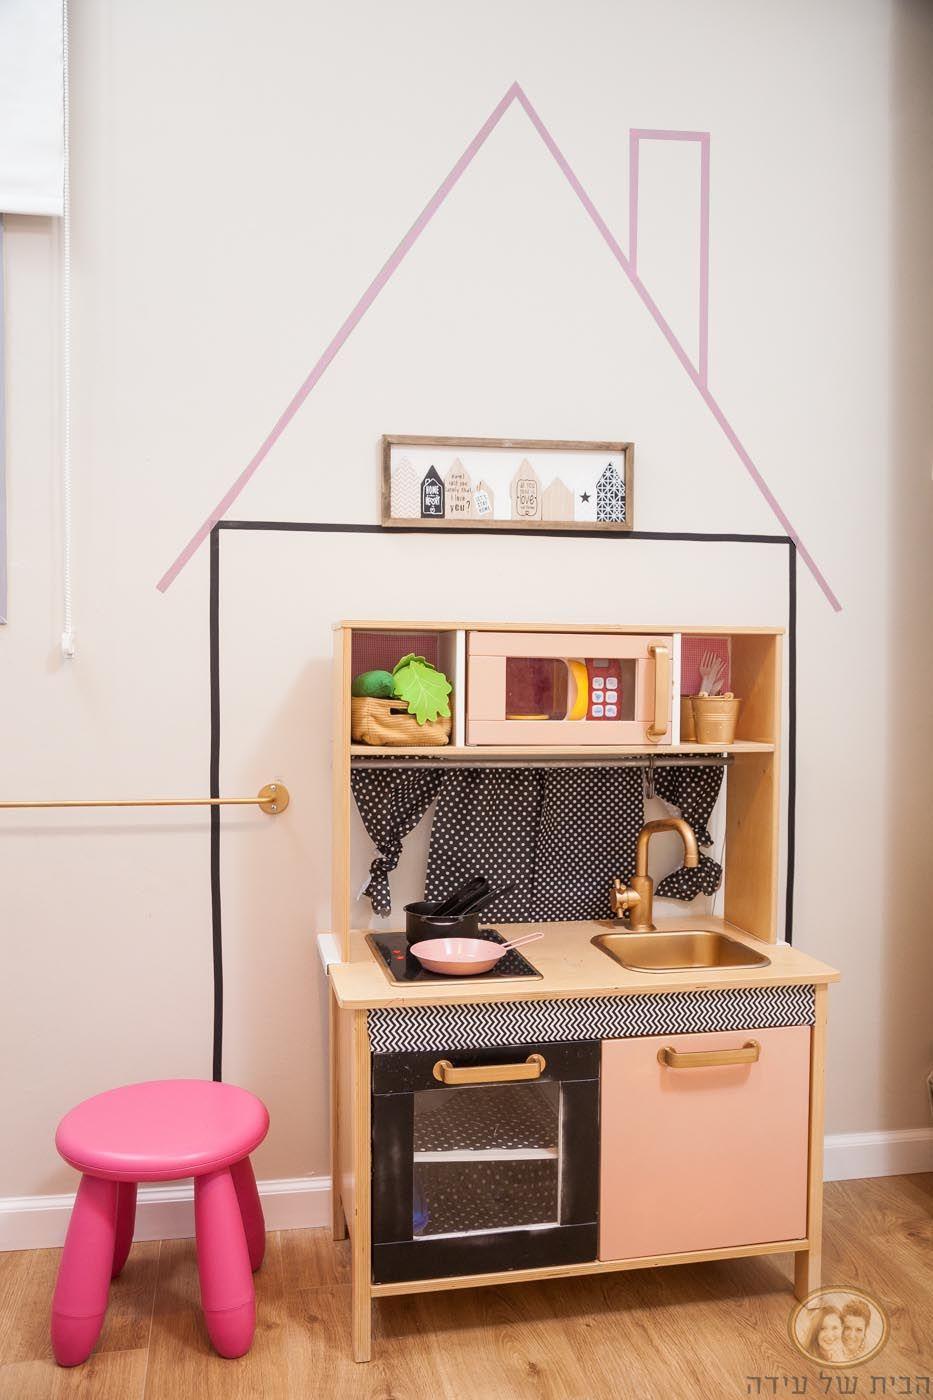 Ikea toy kitchen painted pink Ikea toy kitchen, Ikea